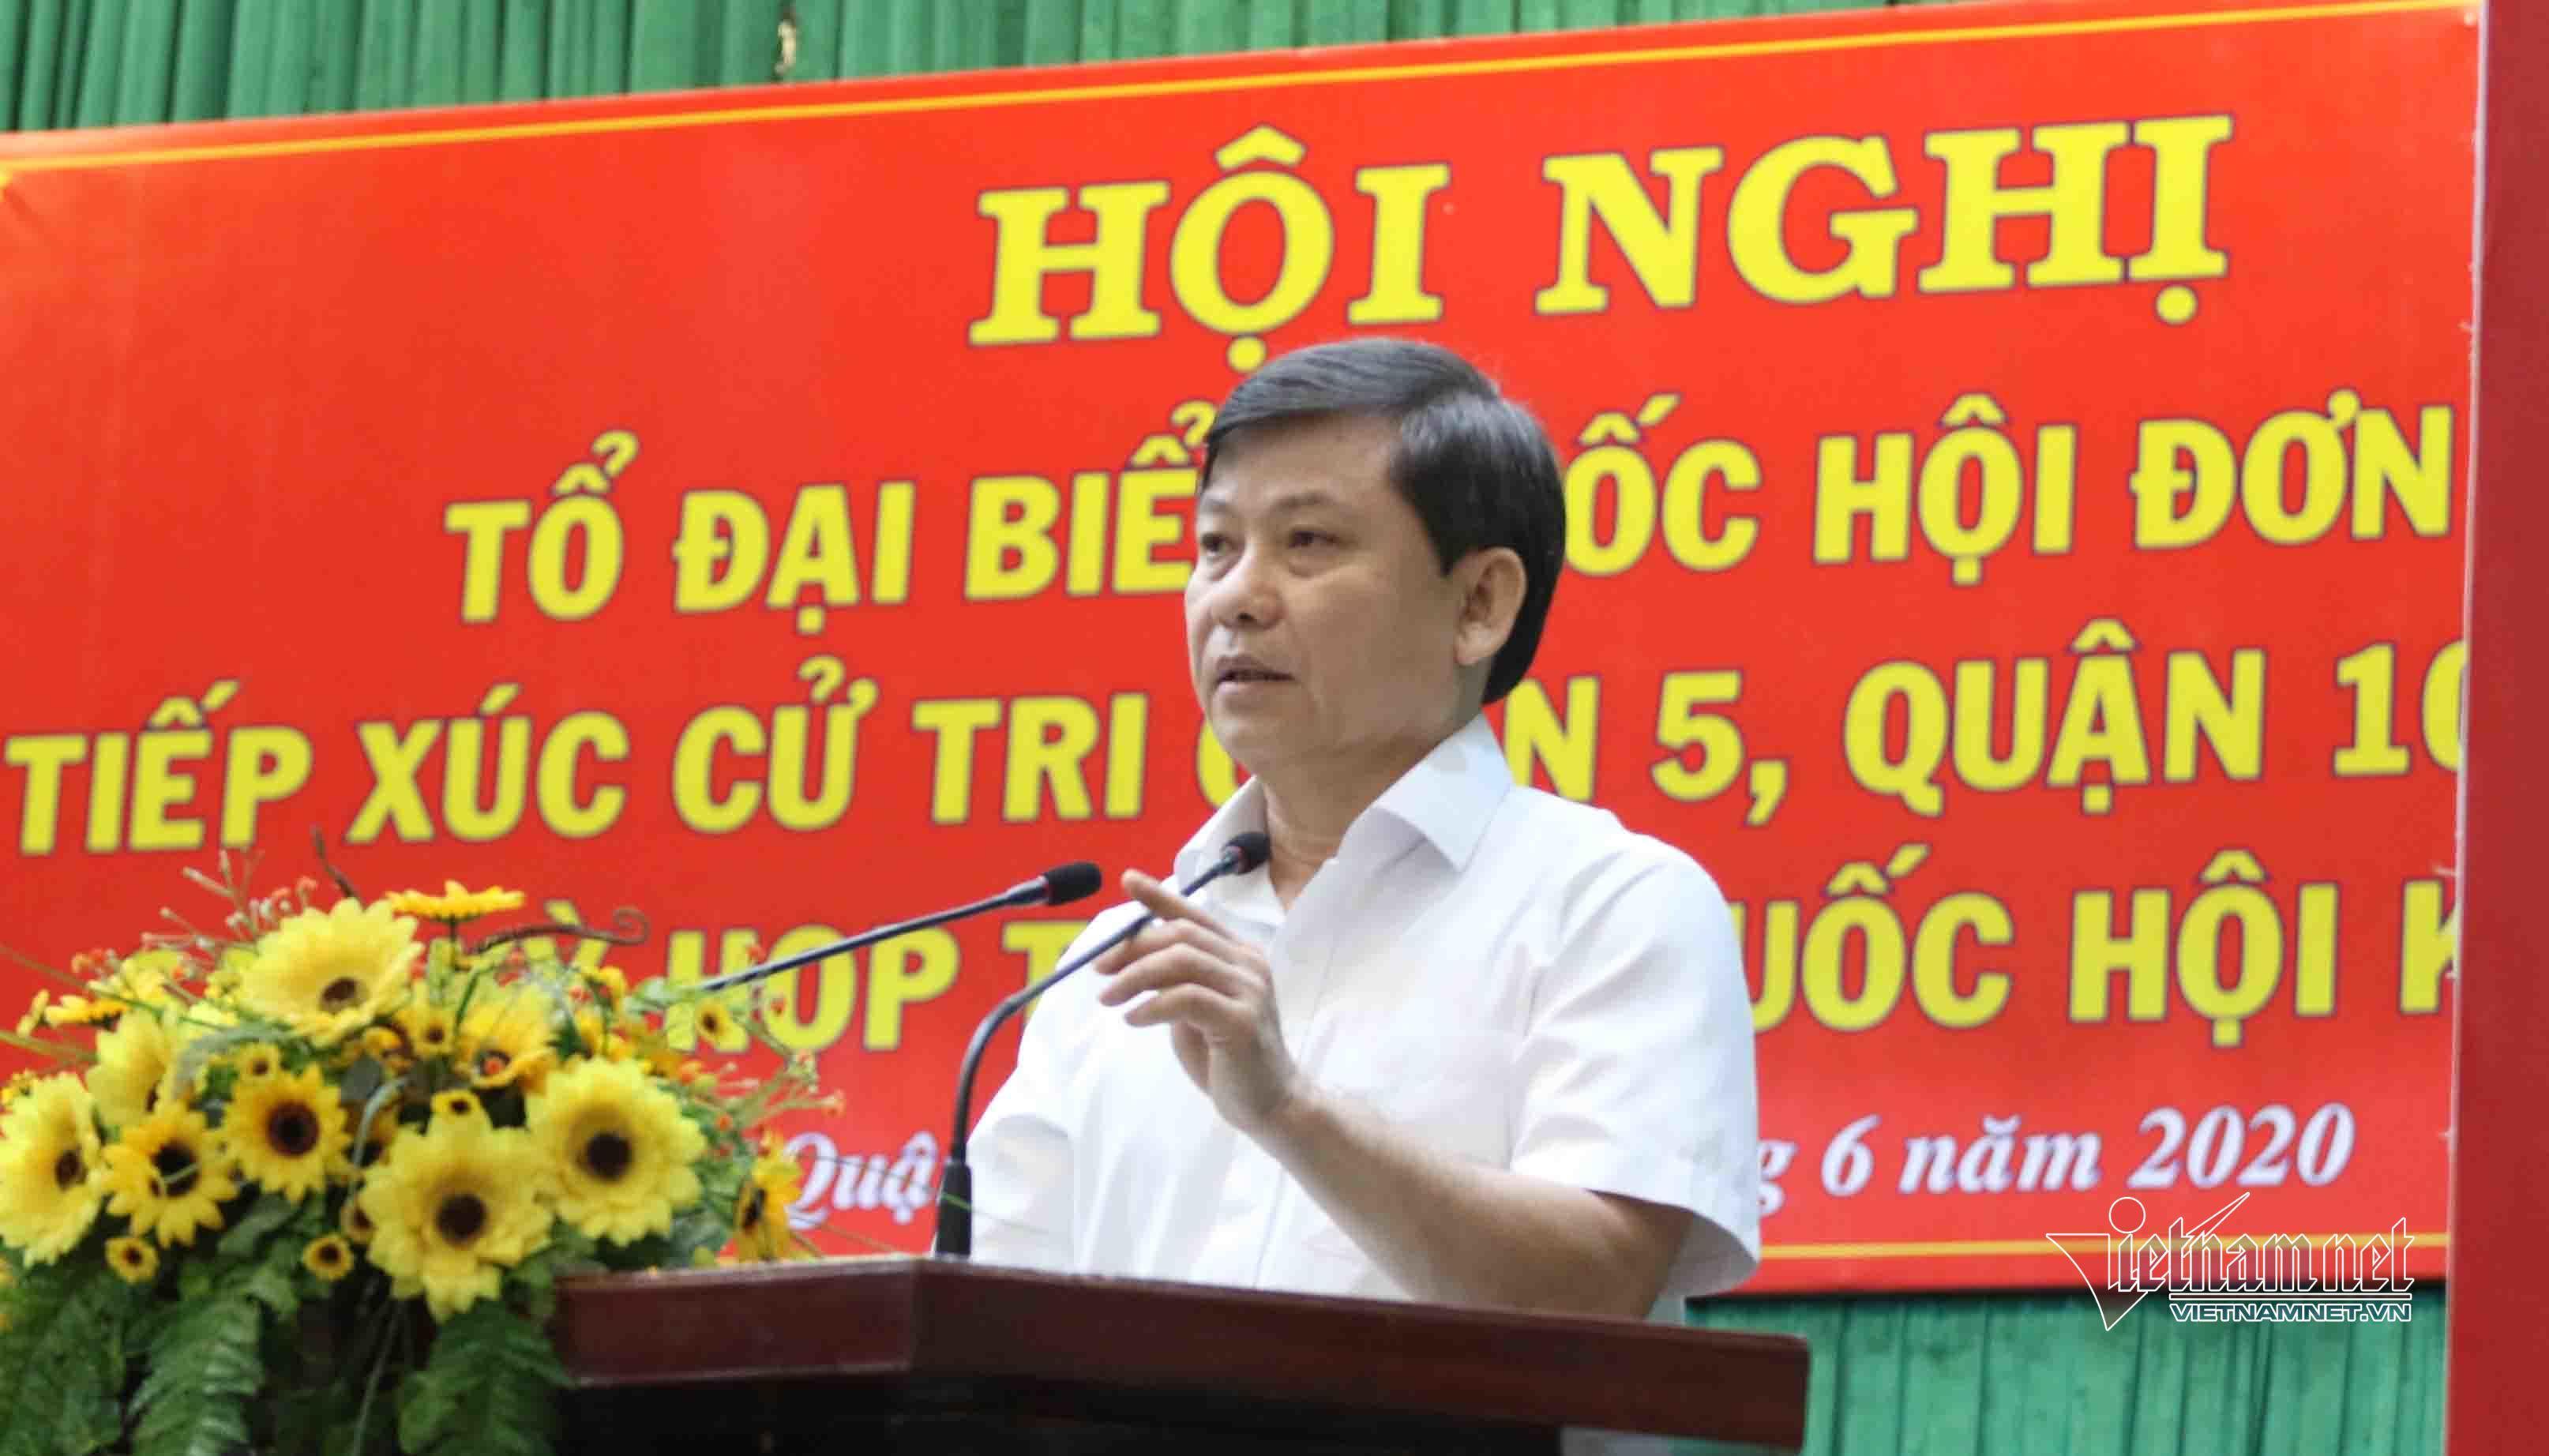 Viện trưởng Lê Minh Trí lại trả lời cử tri sau nhiều diễn tiến mới vụ Hồ Duy Hải